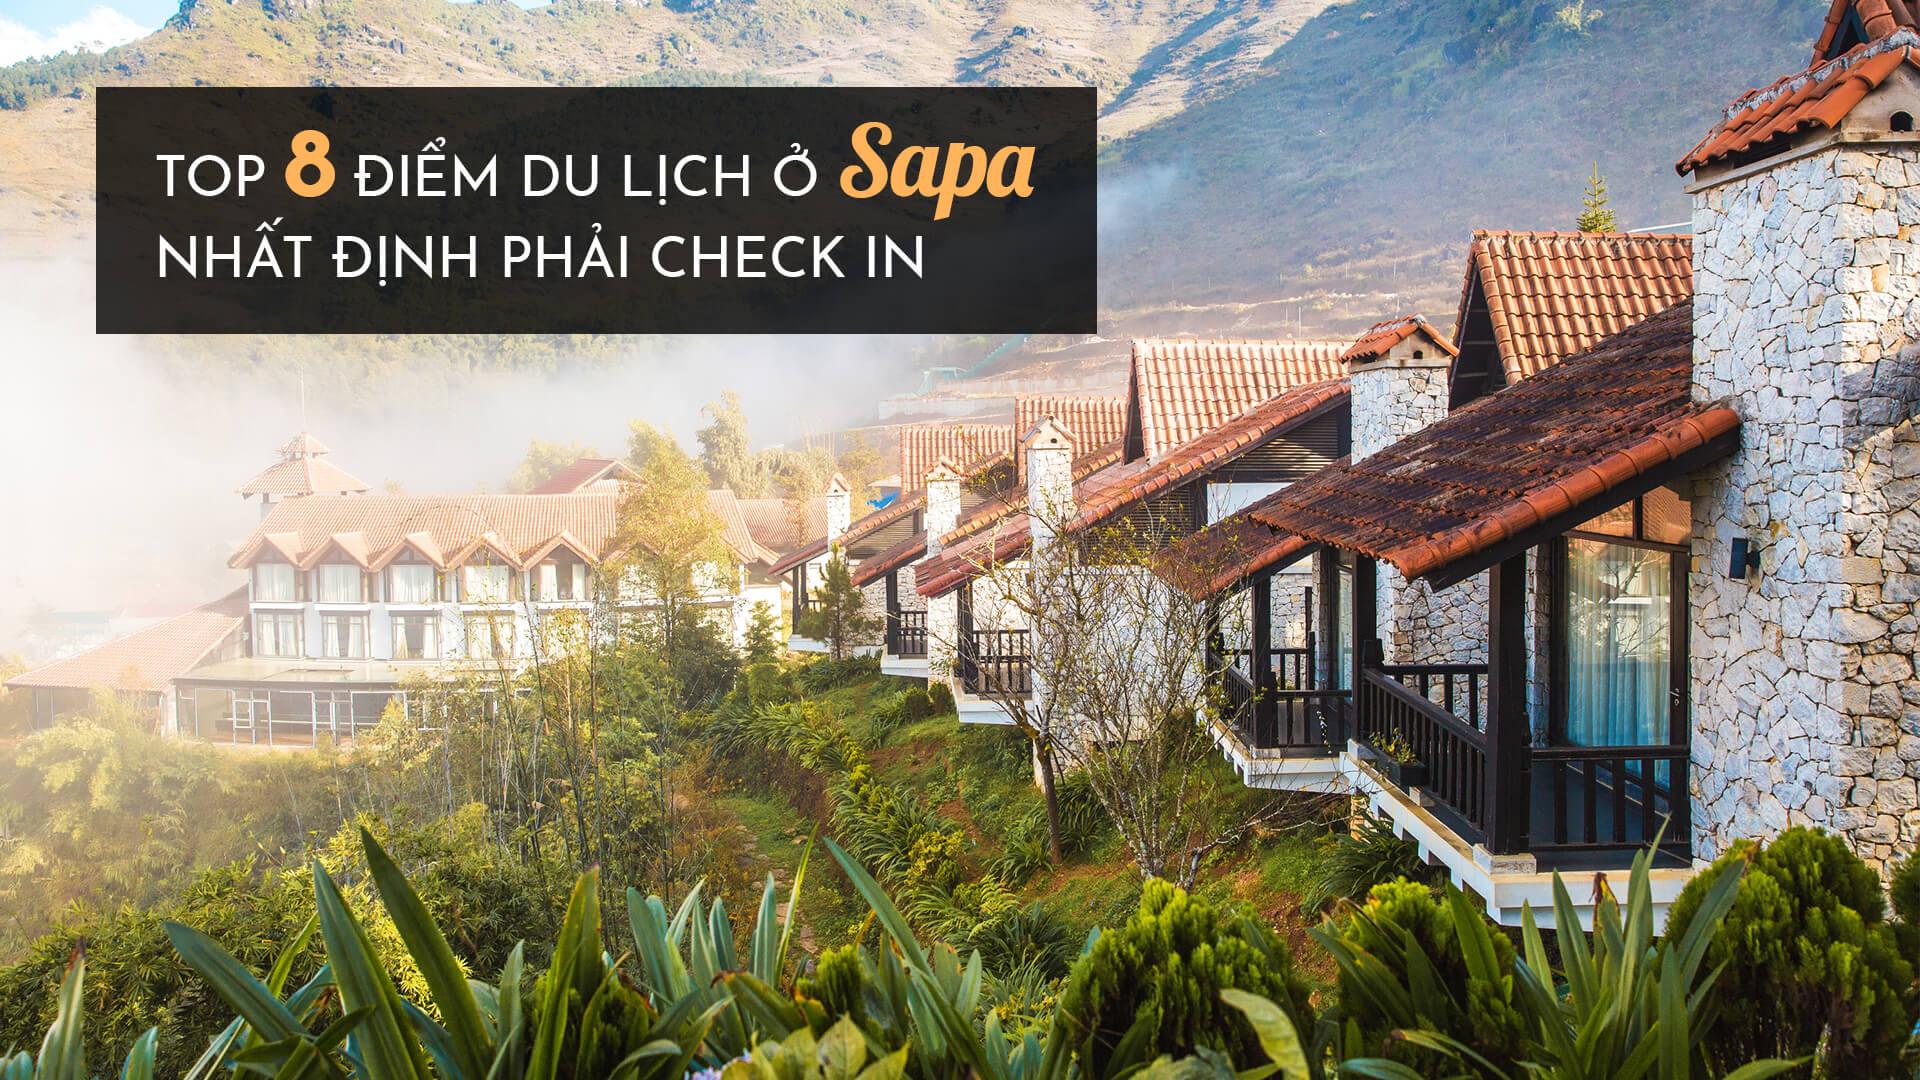 Top 8 điểm du lịch ở Sapa nhất định phải check-in